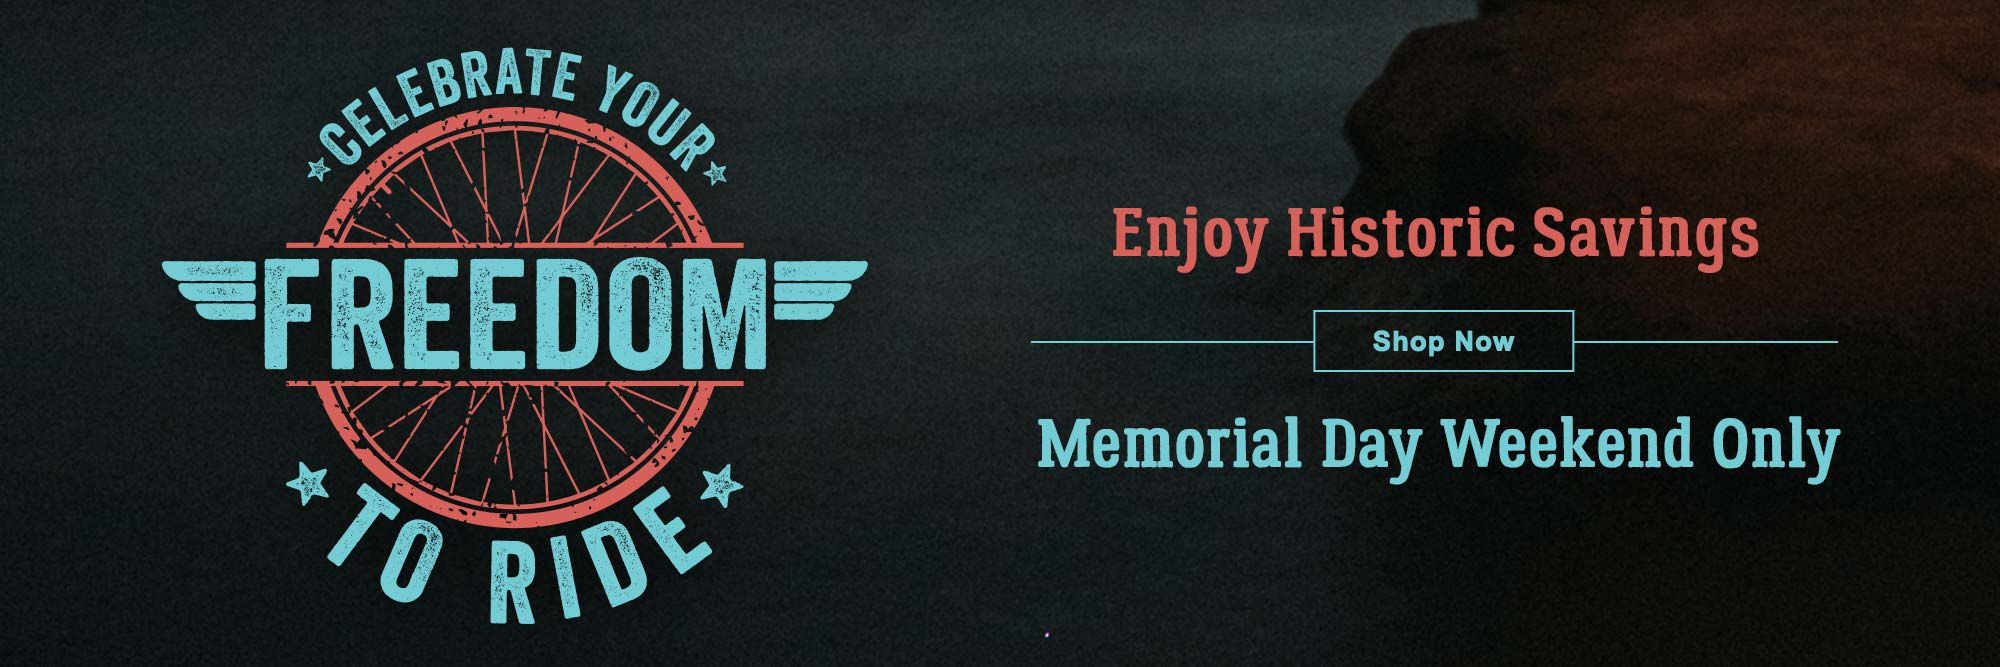 SE_LIB_HH2000x667_MemorialDay18